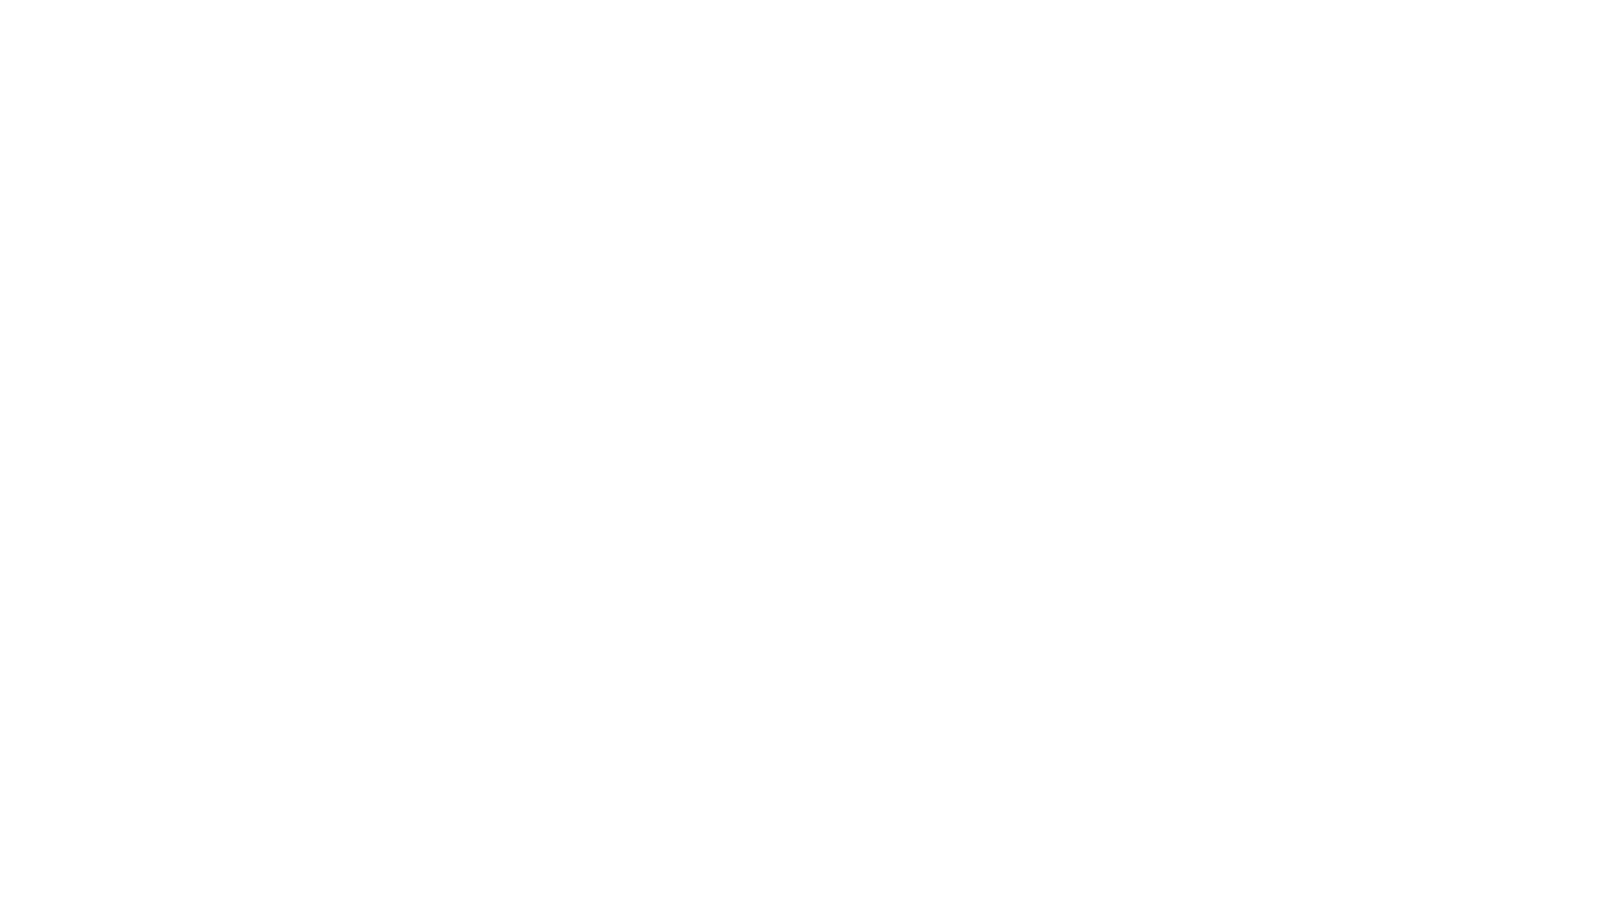 """Il contenuto completo è disponibile gratuitamente al seguente link: https://tecatv.com/corazzata-c301.htmlEstratto da """"C301"""" pellicola diretta da Aldo Victor de Sanctis.""""Un cimitero vetusto e abbandonato, un cimitero insolito e misterioso. Una necropoli di navi in disfacimento nella darsena più remota di un porto italiano. È proibito penetrare in questa zona riposta. Forse è crudele violare il segreto di questi relitti inanimati che un giorno ebbero un nome e una bandiera. Di queste carcasse divelte e sventrate. Tu non puoi udirmi, ma il tuo cuore mi ascolta. Questa massa immensa di acciaio rugginoso e dilaniato sono io, ero io. Io che ti parlo."""" Così la vecchia nave corazzata esordisce nella fantasia del piccolo lupo di mare. Corazzata C301 è un film di Victor de Sanctis che gioca con l'immaginazione del giovane protagonista e mostra, con abili riprese, il lato affascinante dei relitti, oggi vecchi, ma con un passato ancora vivo"""".Sorgente: Pellicola 35mm, sonoro, colore.La pellicola fa parte dell'archivio storico cinematografico conservato presso la Cineteca del Veneto https://www.cinetecadelveneto.it/Acquisizione a cura di RunningTV https://tinyurl.com/qvz8fcg"""